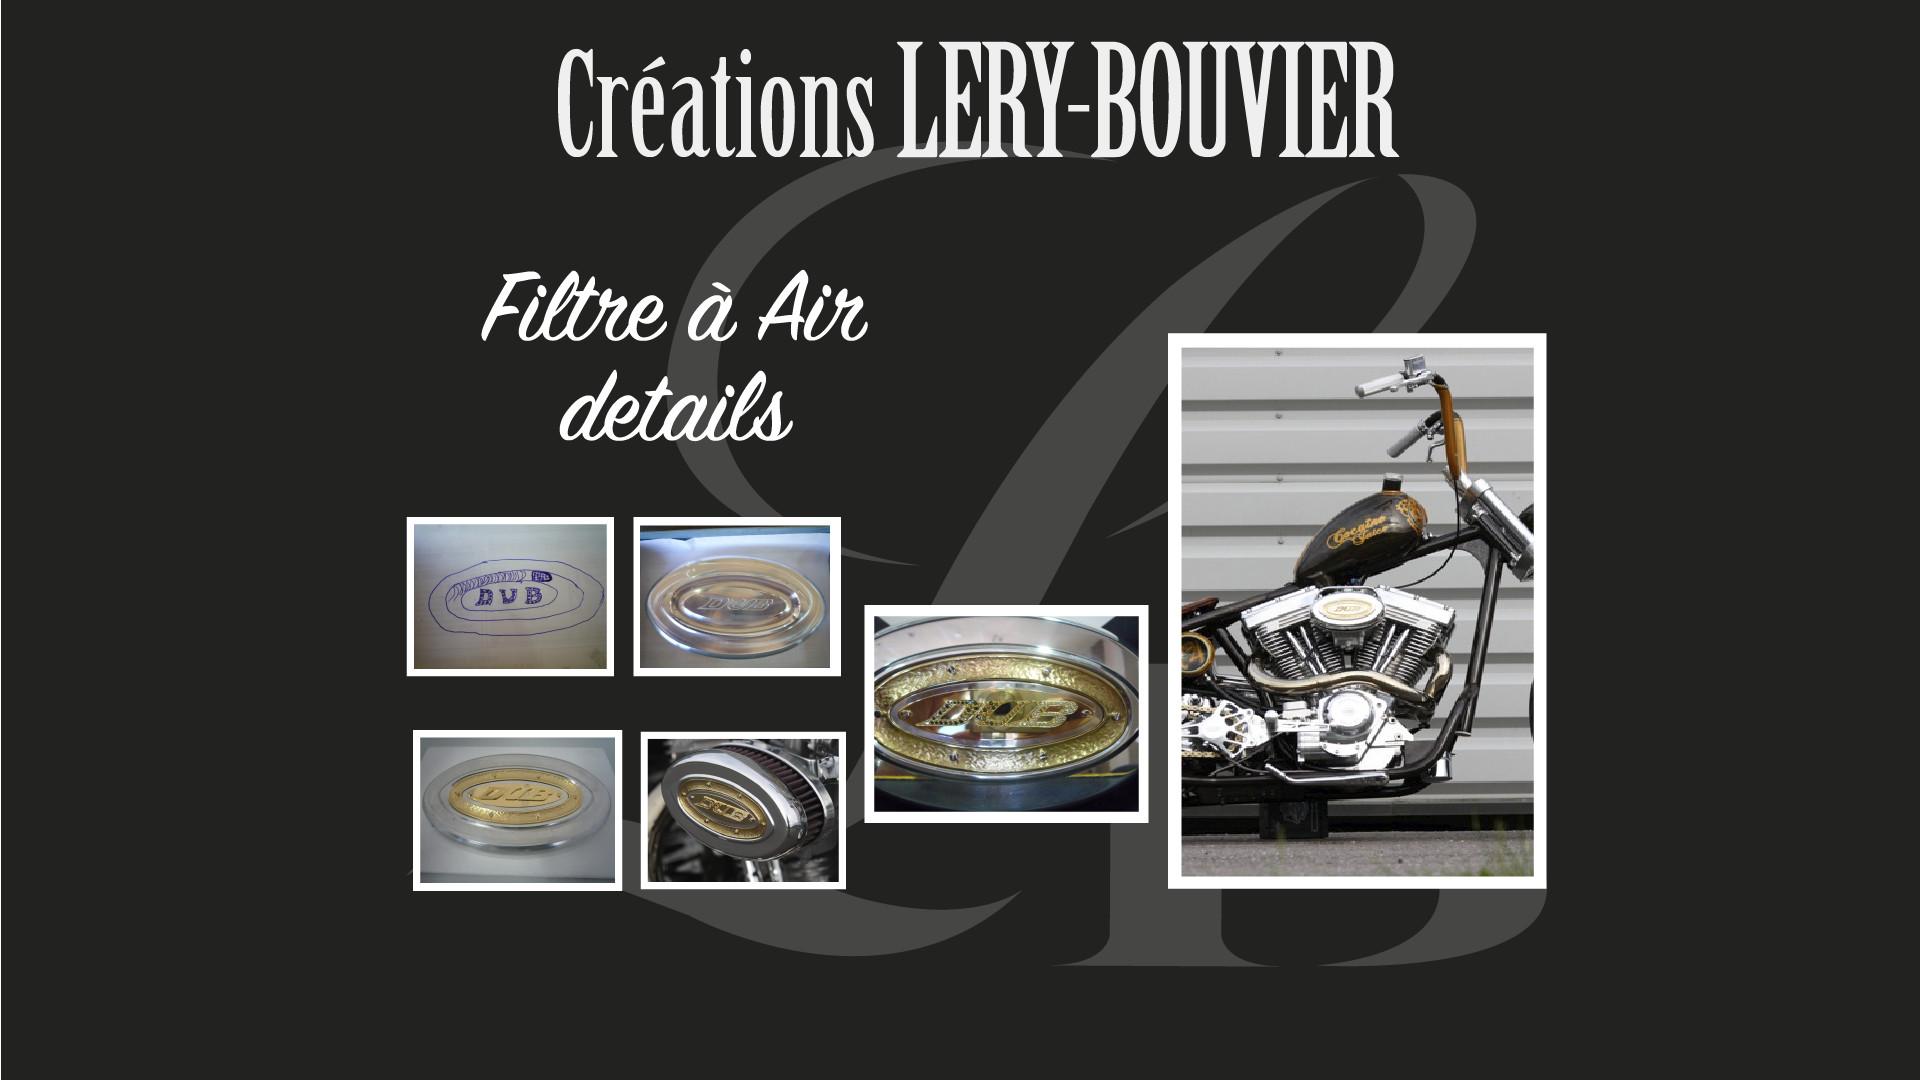 Création Lery Bouvier Filtre à Air